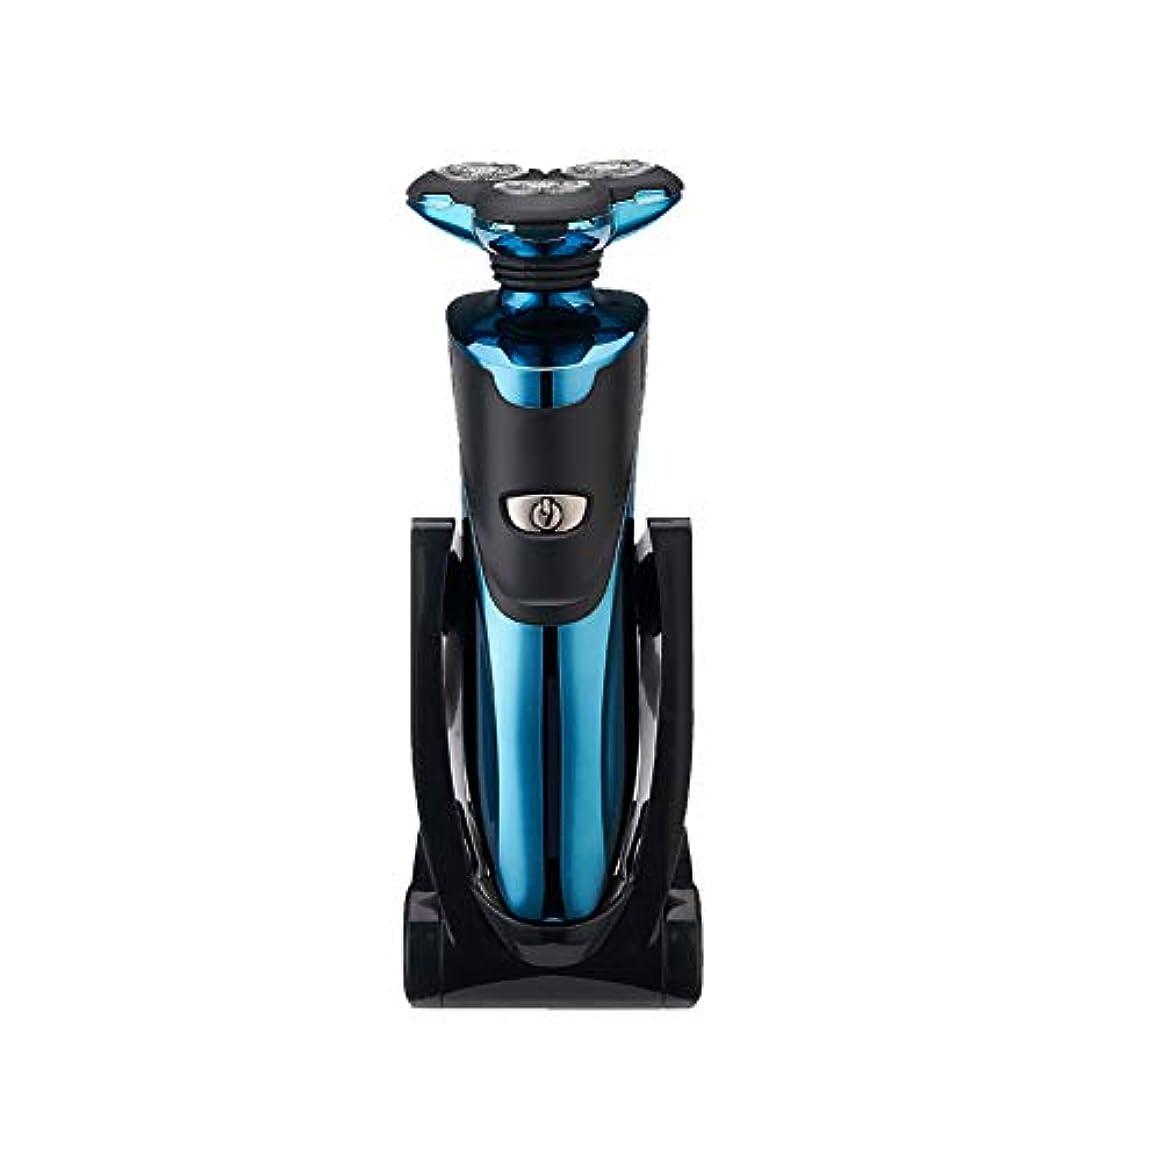 進化先史時代の商人4で1電気シェーバー男性かみそり4 d濡れた乾式ロータリーシェービングIpx 7防水2019年更新バージョンアダプター付きトリマーグルーミングキット,Blue